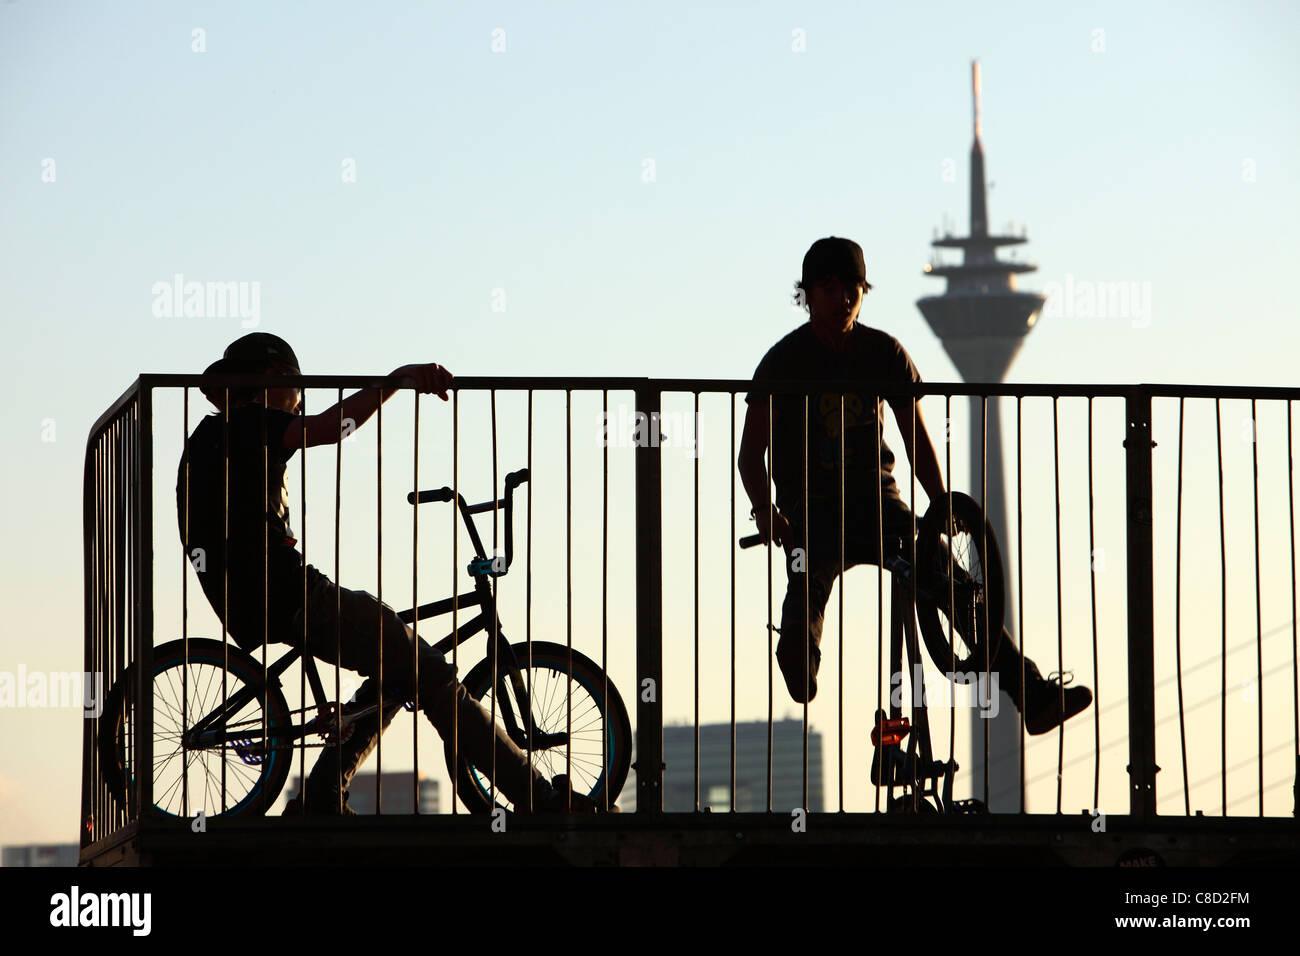 BMX-Rad am Ufer des Rheins Halfpipe, Fernsehturm, Rheinturm, Düsseldorf, Deutschland. Stockbild